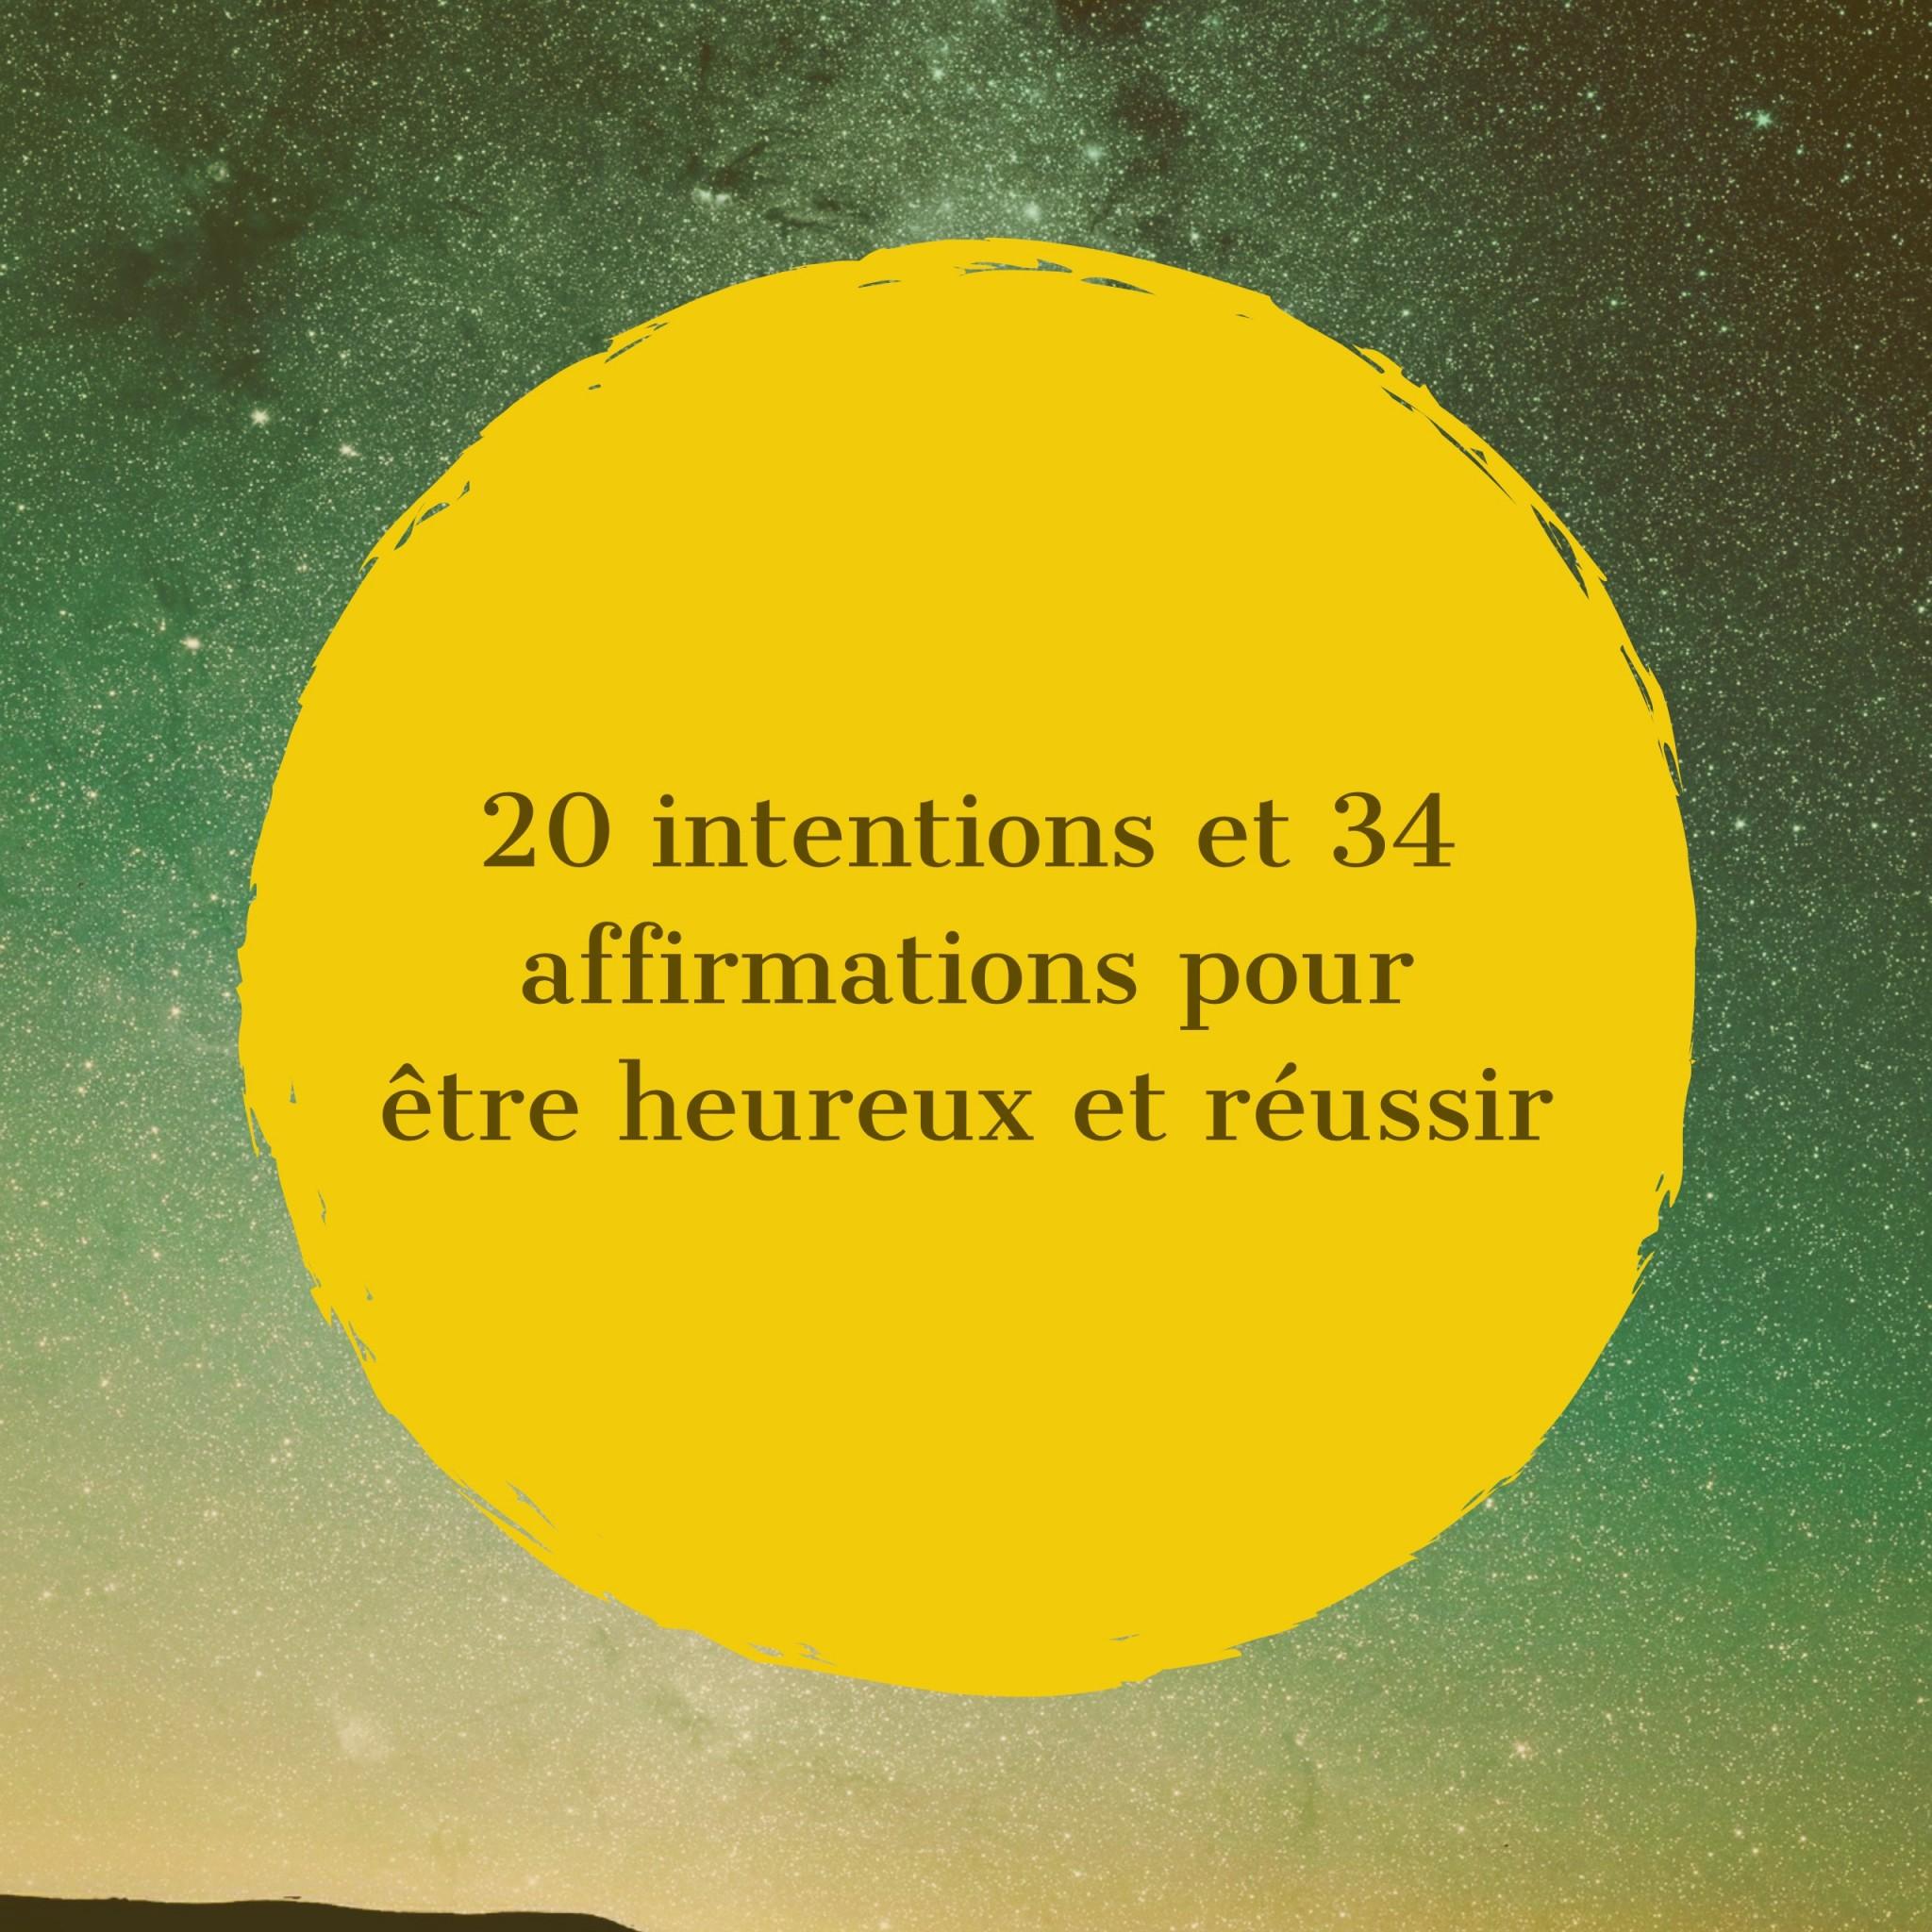 20 intentions et 34 affirmations pour être heureux et réussir